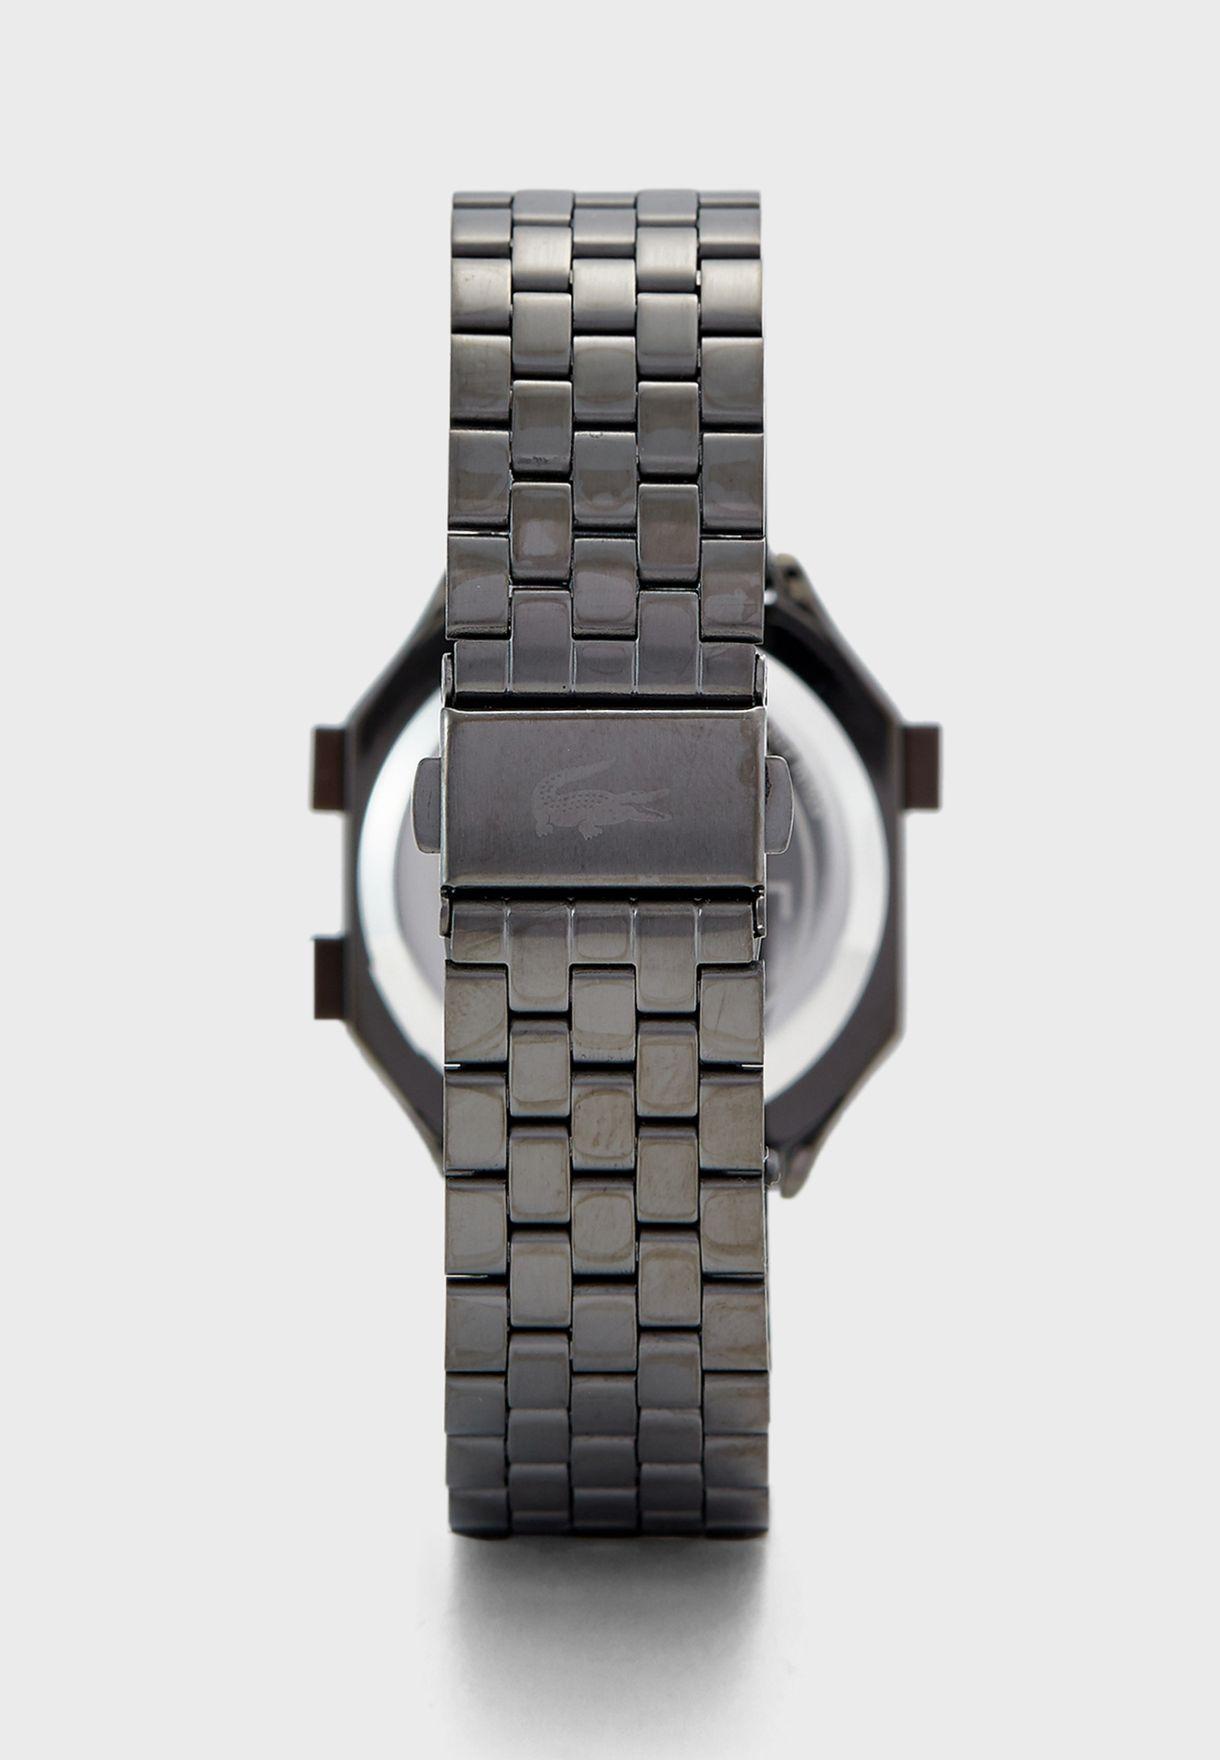 ساعة ديجيتال بخصائص كرونوغراف